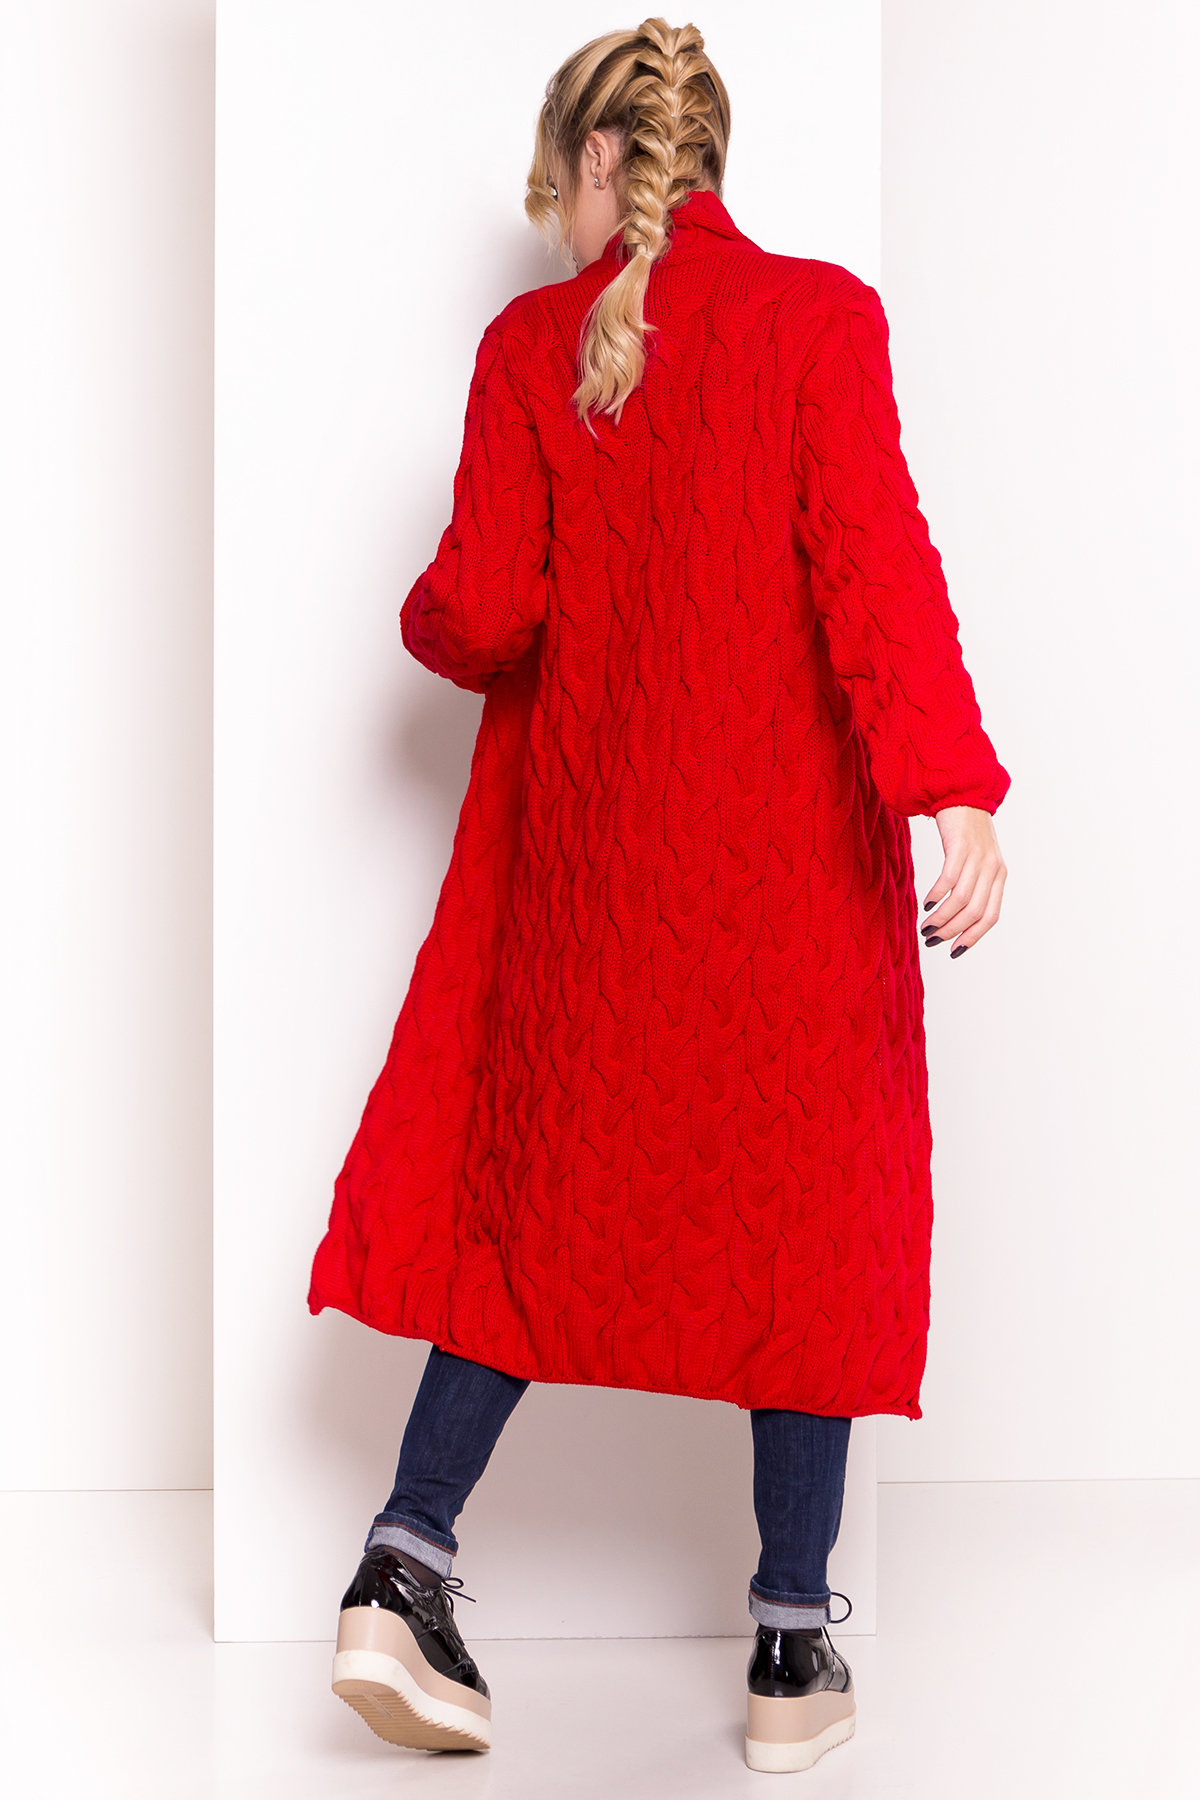 Кардиган длинный Лало АРТ. 7018 Цвет: Красный 2511 - фото 3, интернет магазин tm-modus.ru